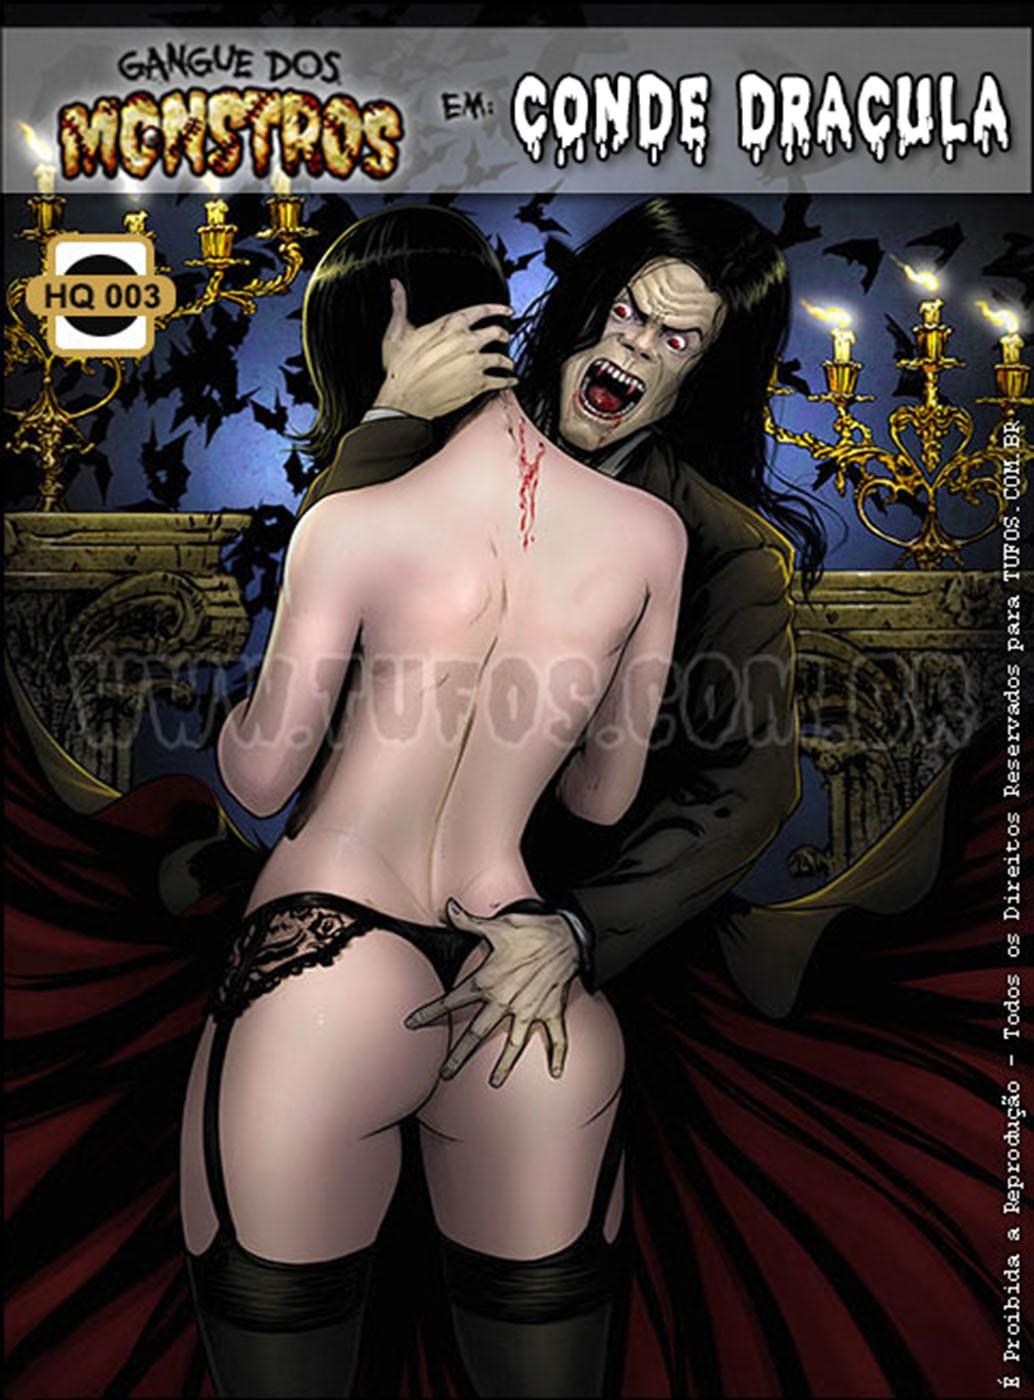 Porn Comics - Tufos- Gangue dos Monstros 03- Dracula porn comics 8 muses